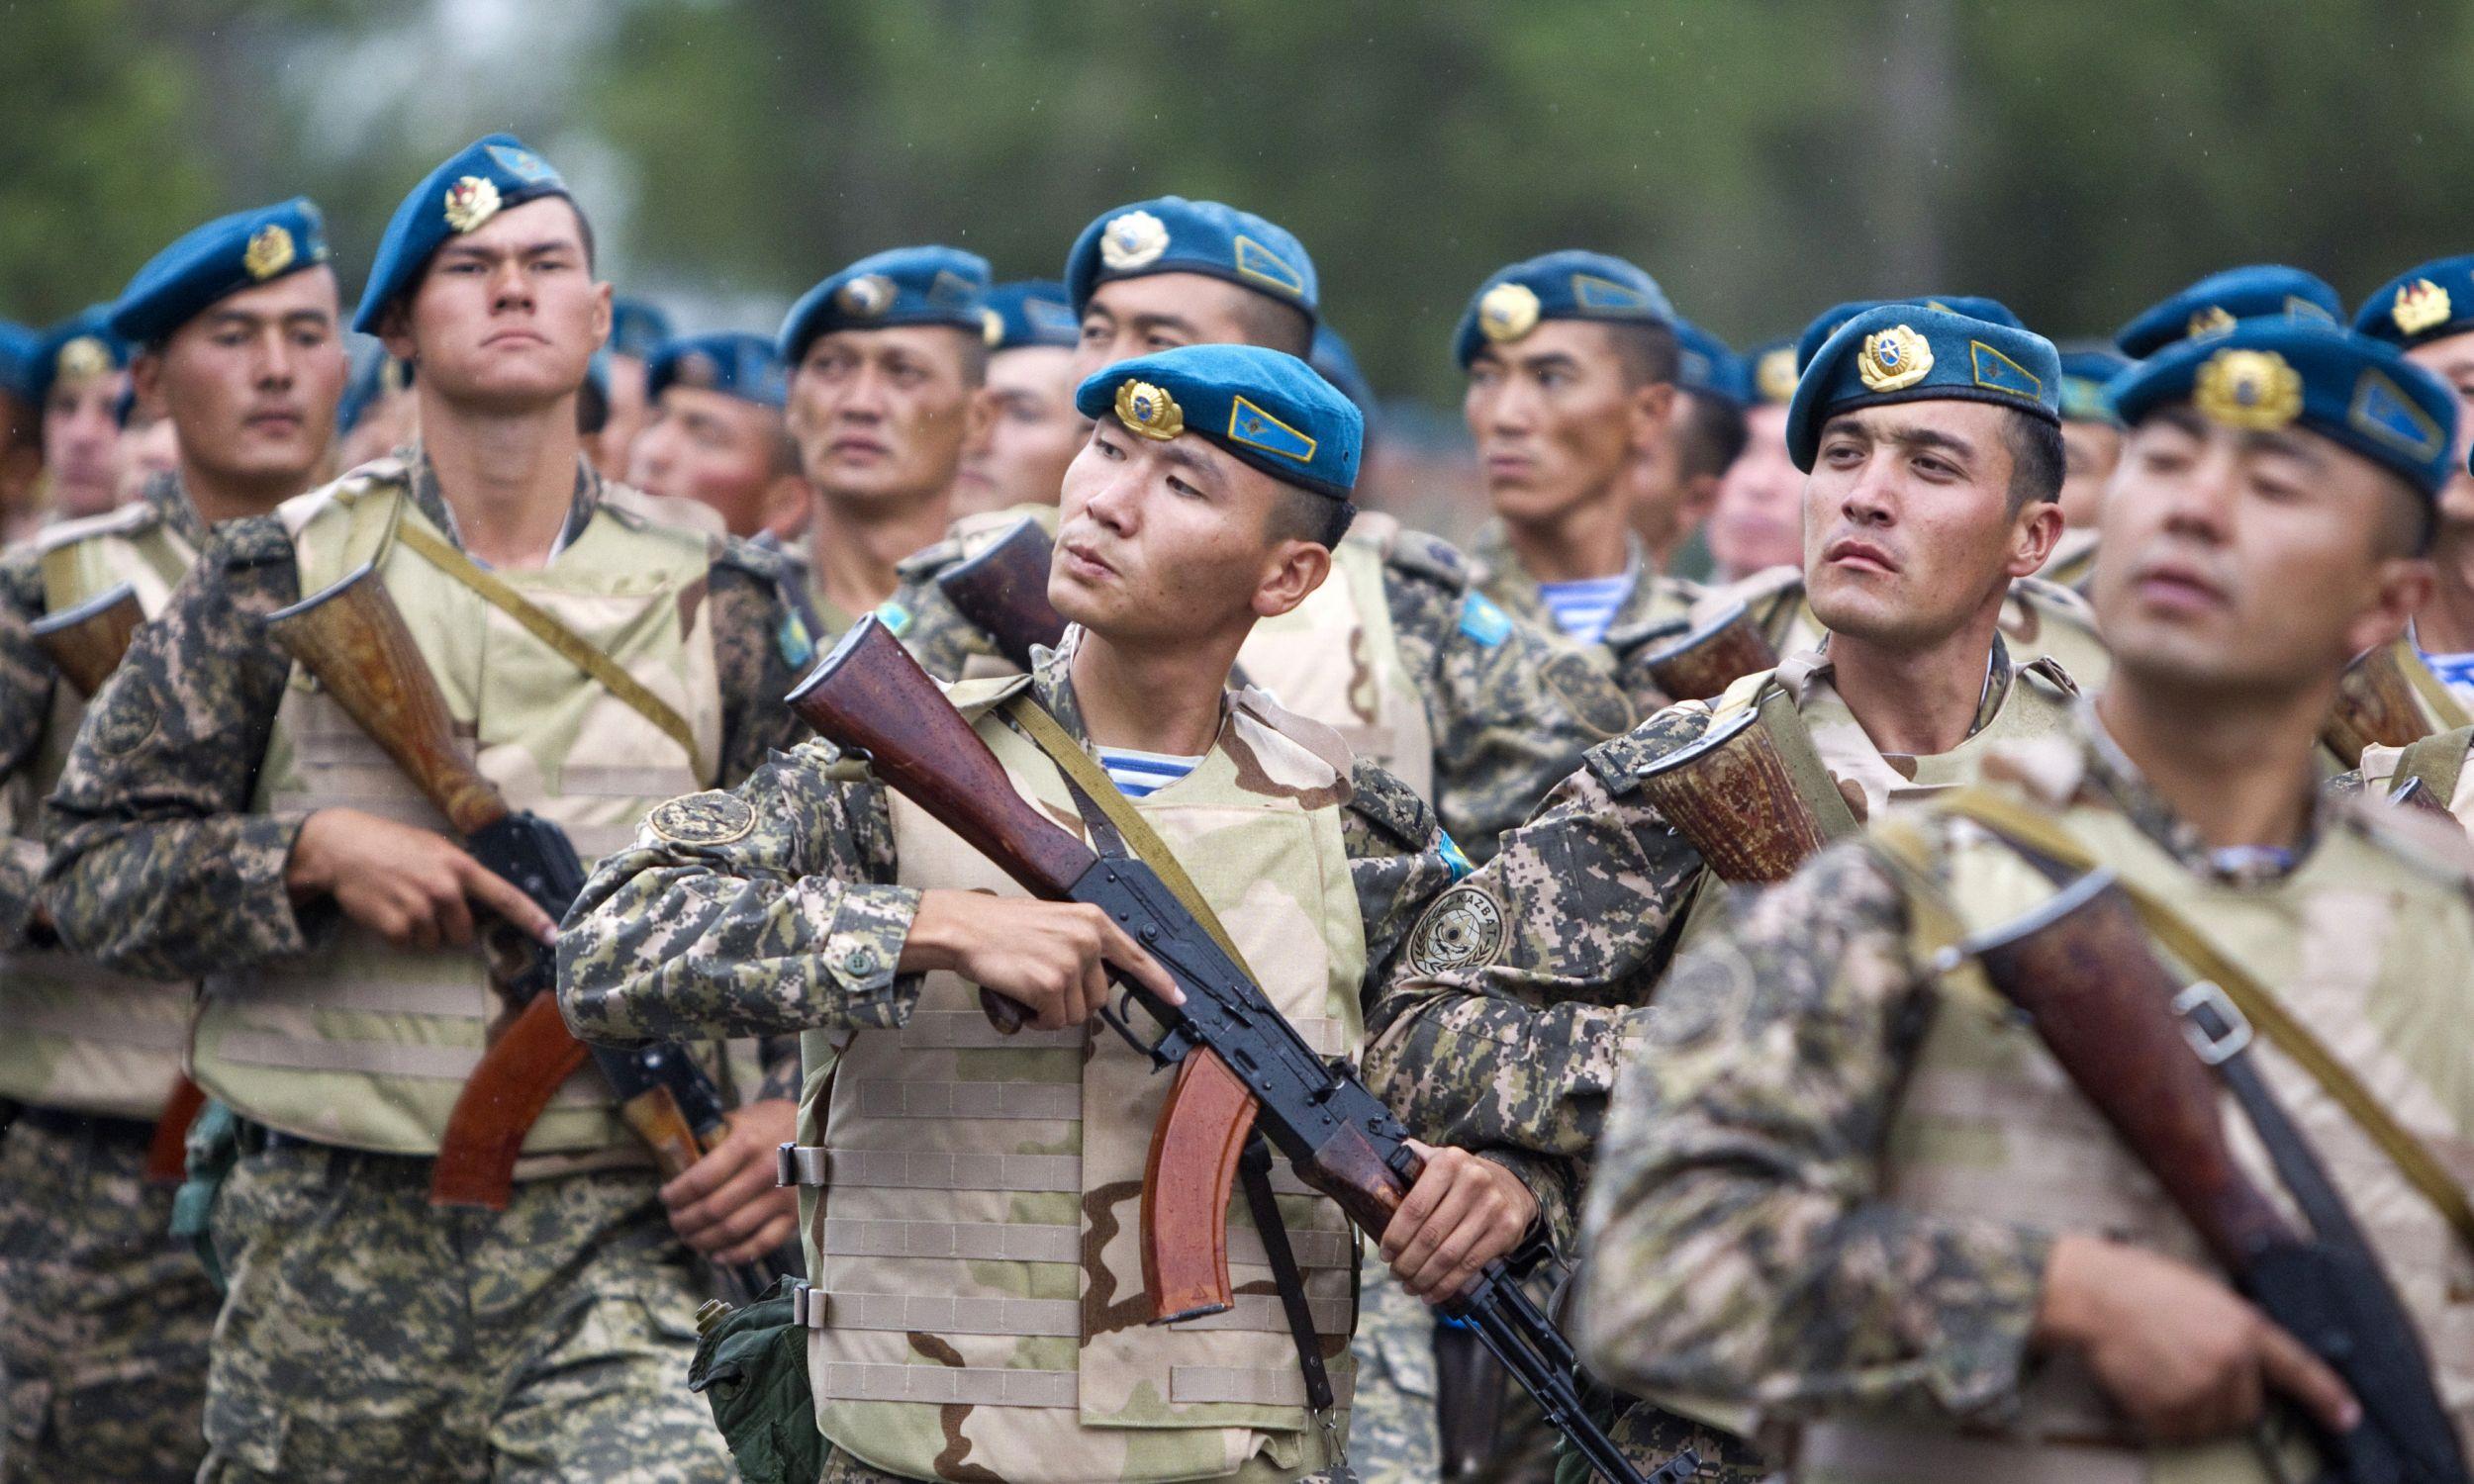 Żołnierze armii Kazachstanu podczas inauguracji manewrów pod Ałmatami, rok 2011. Fot. REUTERS/Shamil Zhumatov